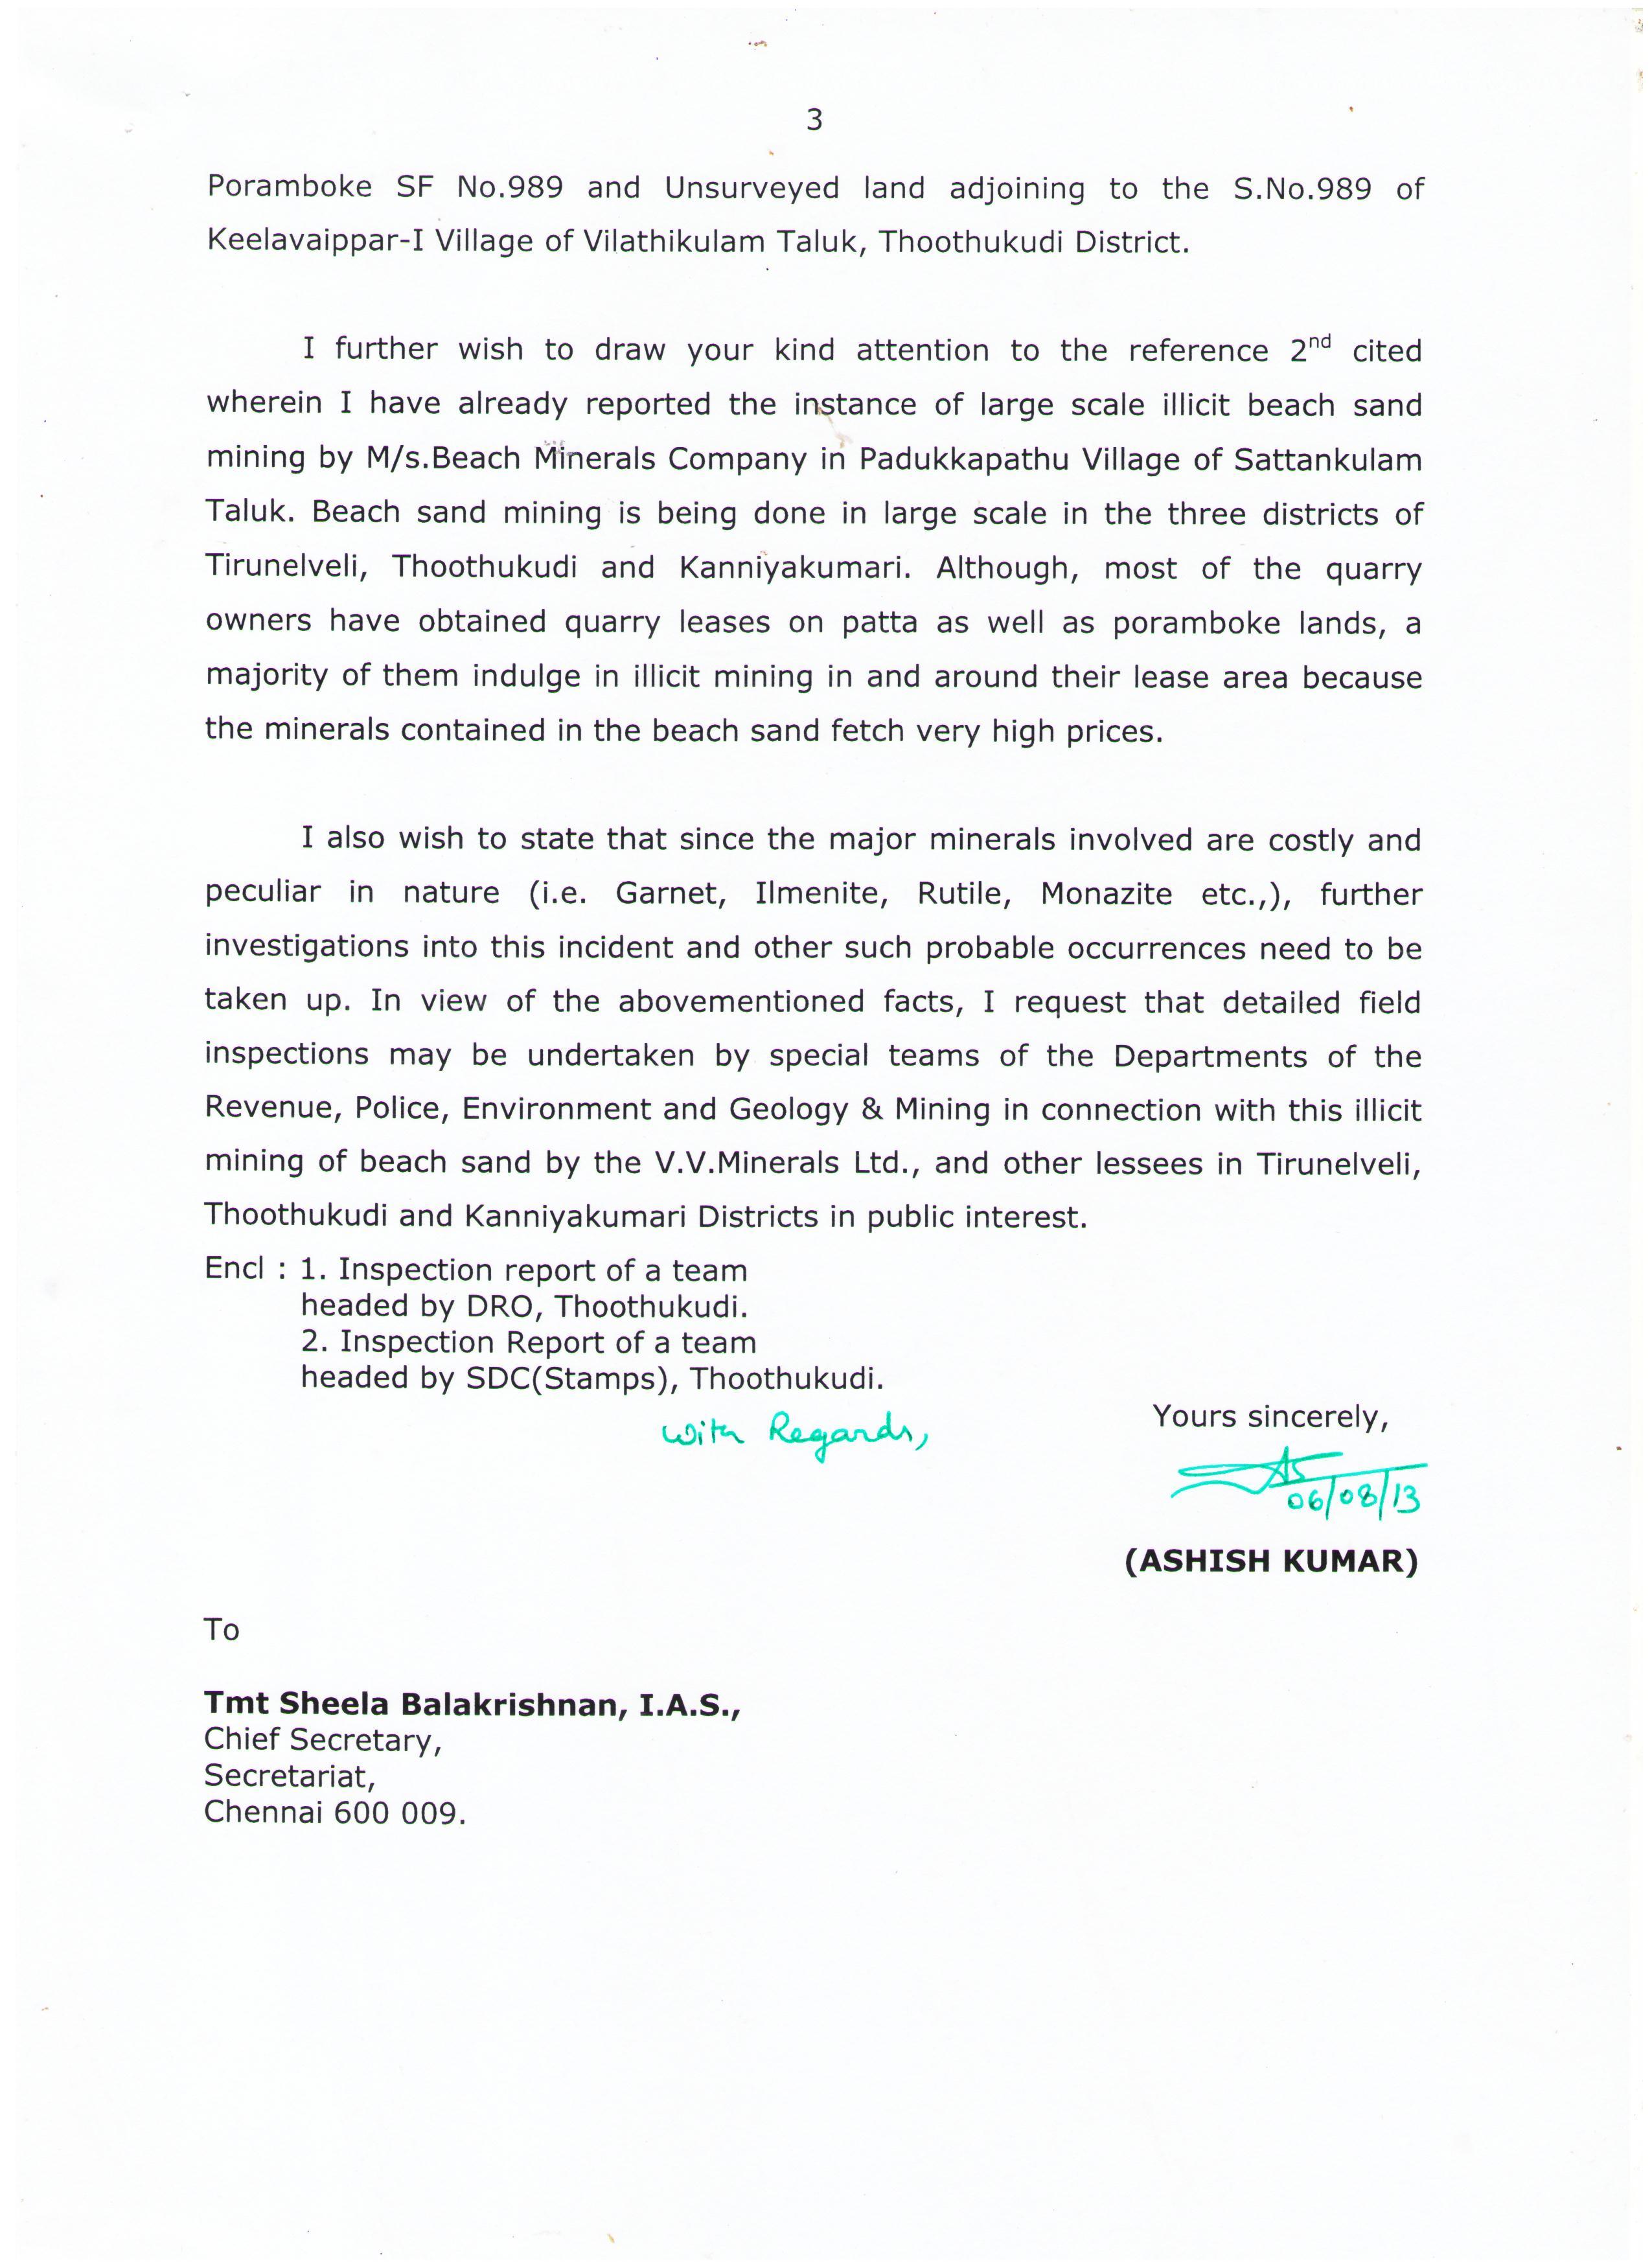 Ashish Kumar letter Pg 03